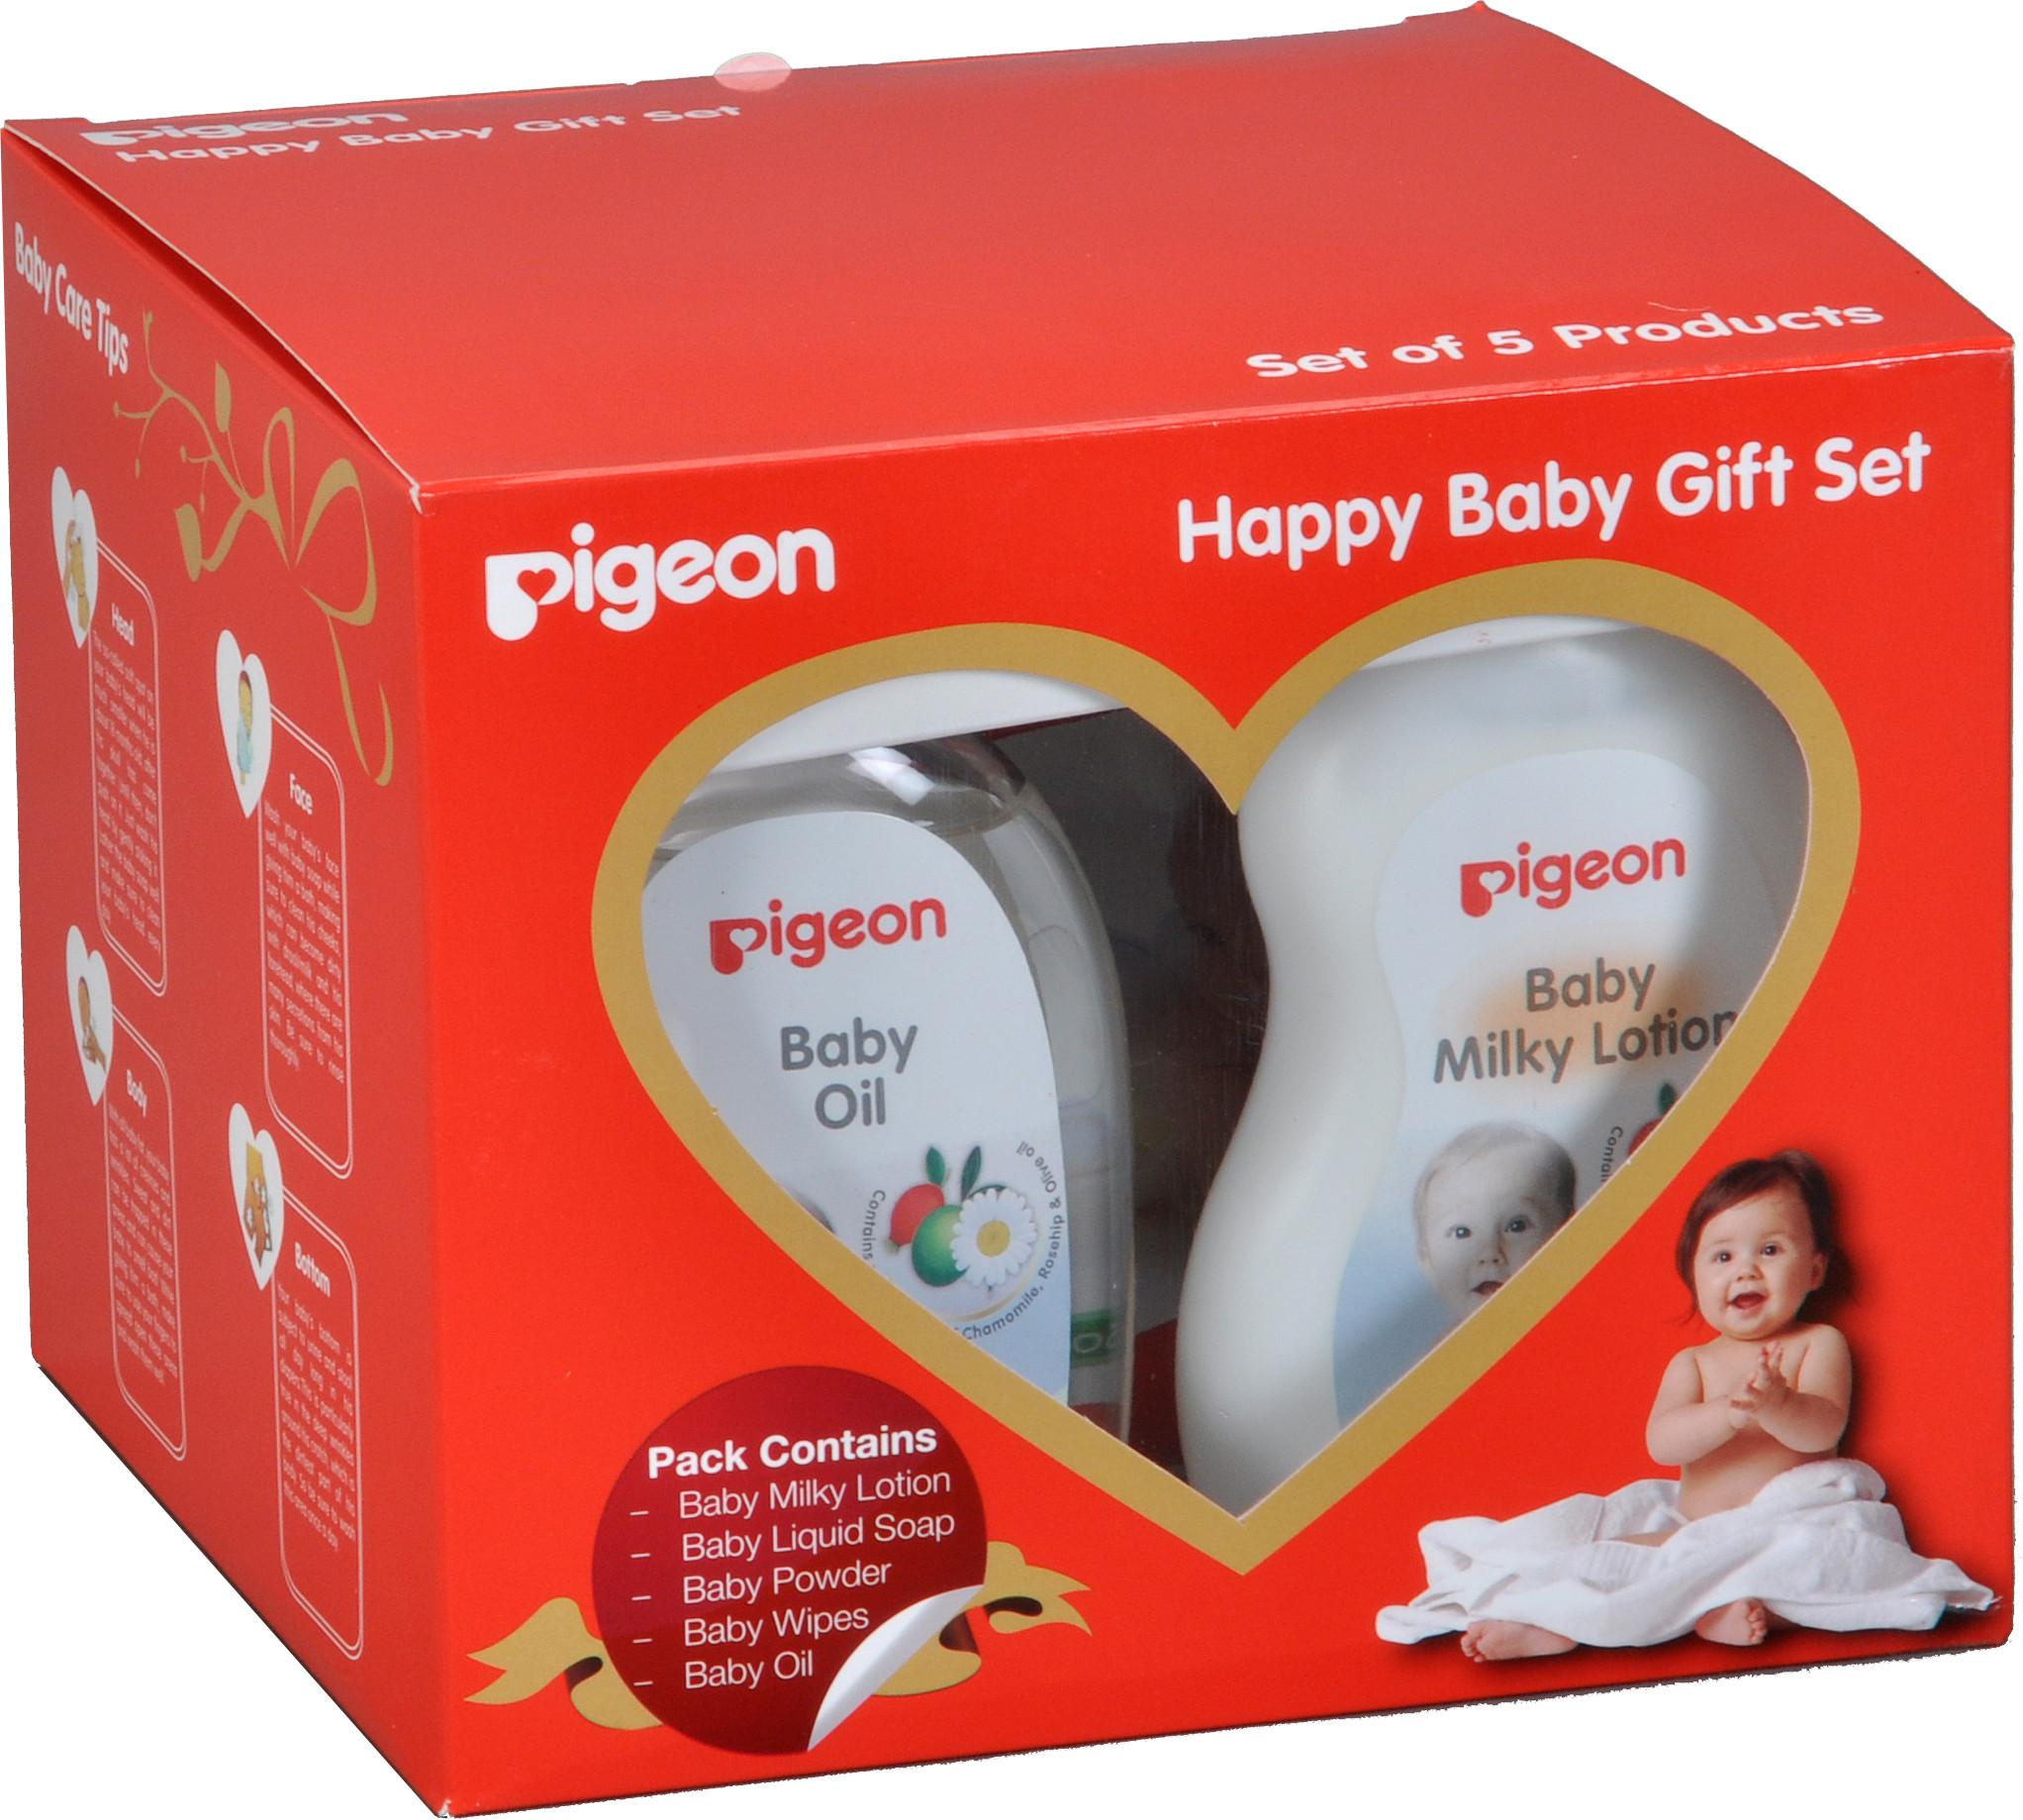 Baby Gift Set Flipkart : Pigeon happy baby gift set buy care combo in